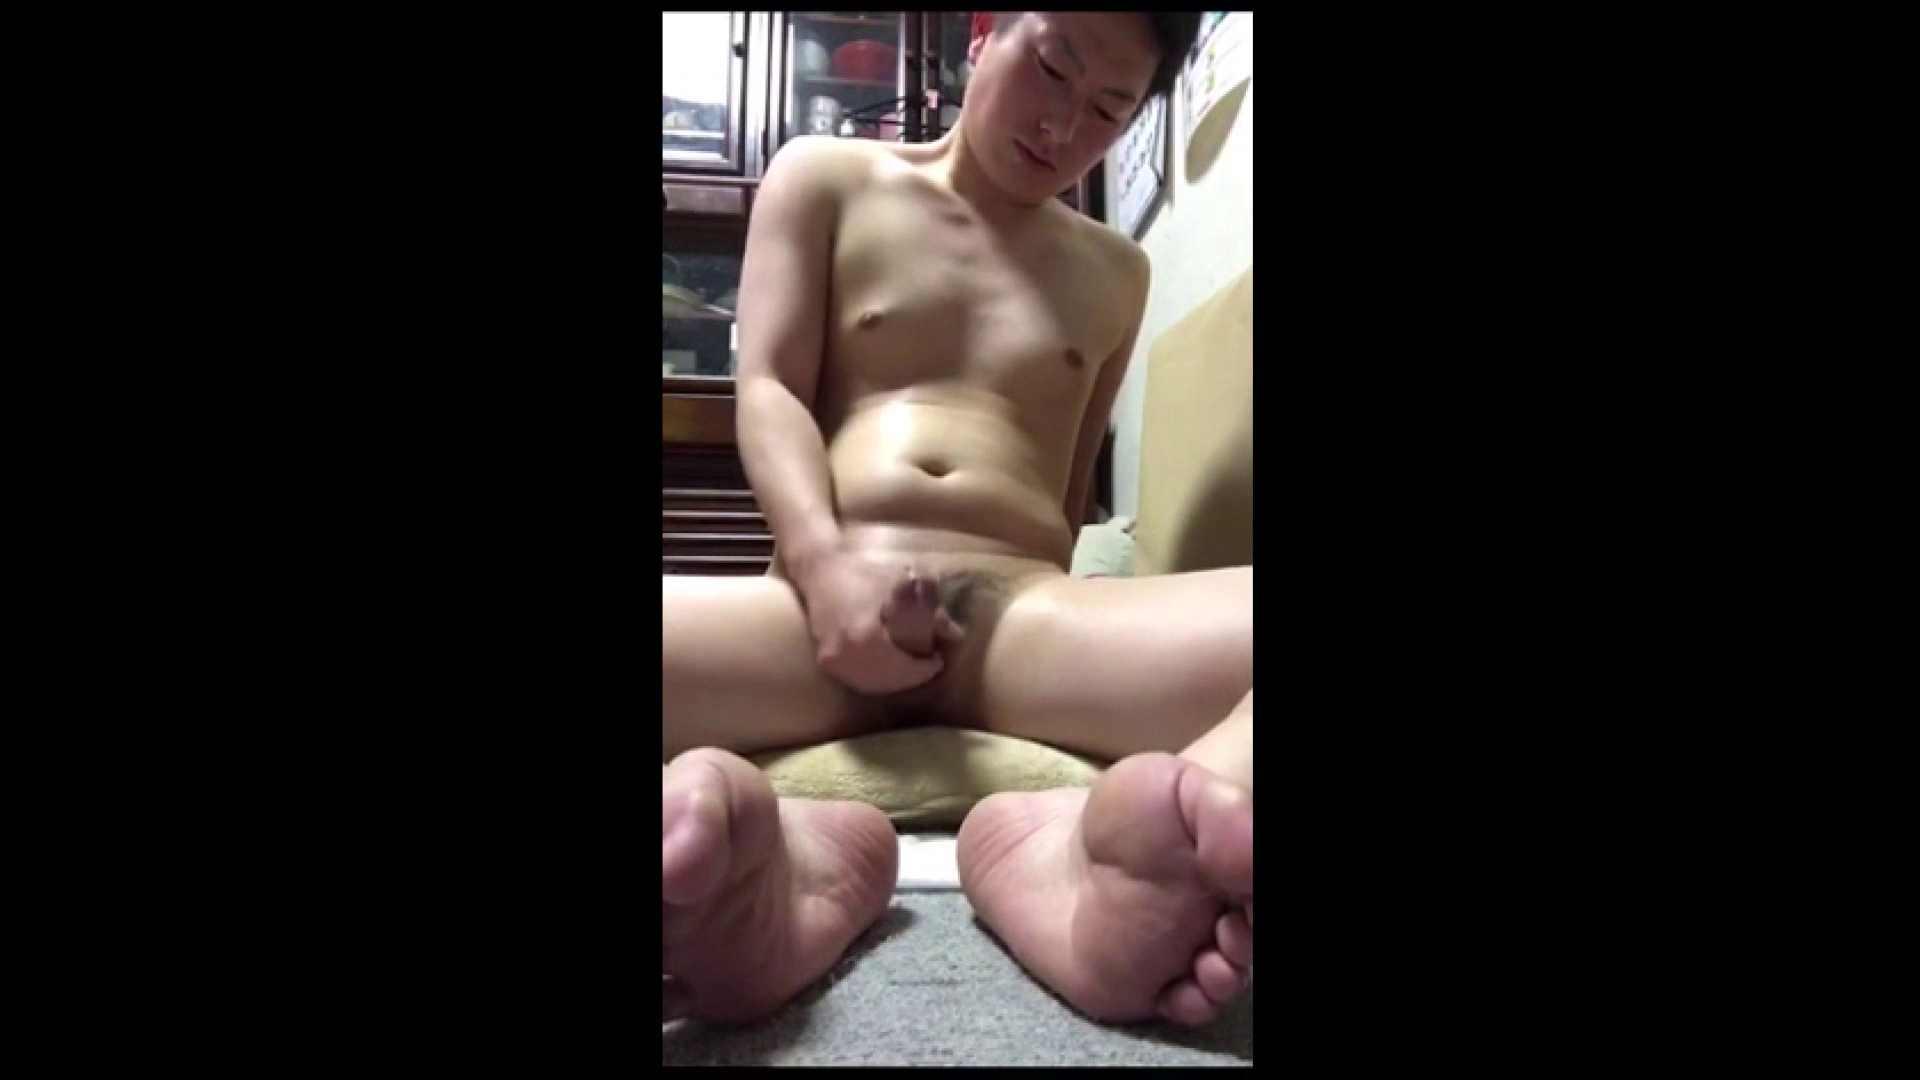 個人撮影 自慰の極意 Vol.51 ゲイの自慰 ゲイ無修正画像 66pic 17